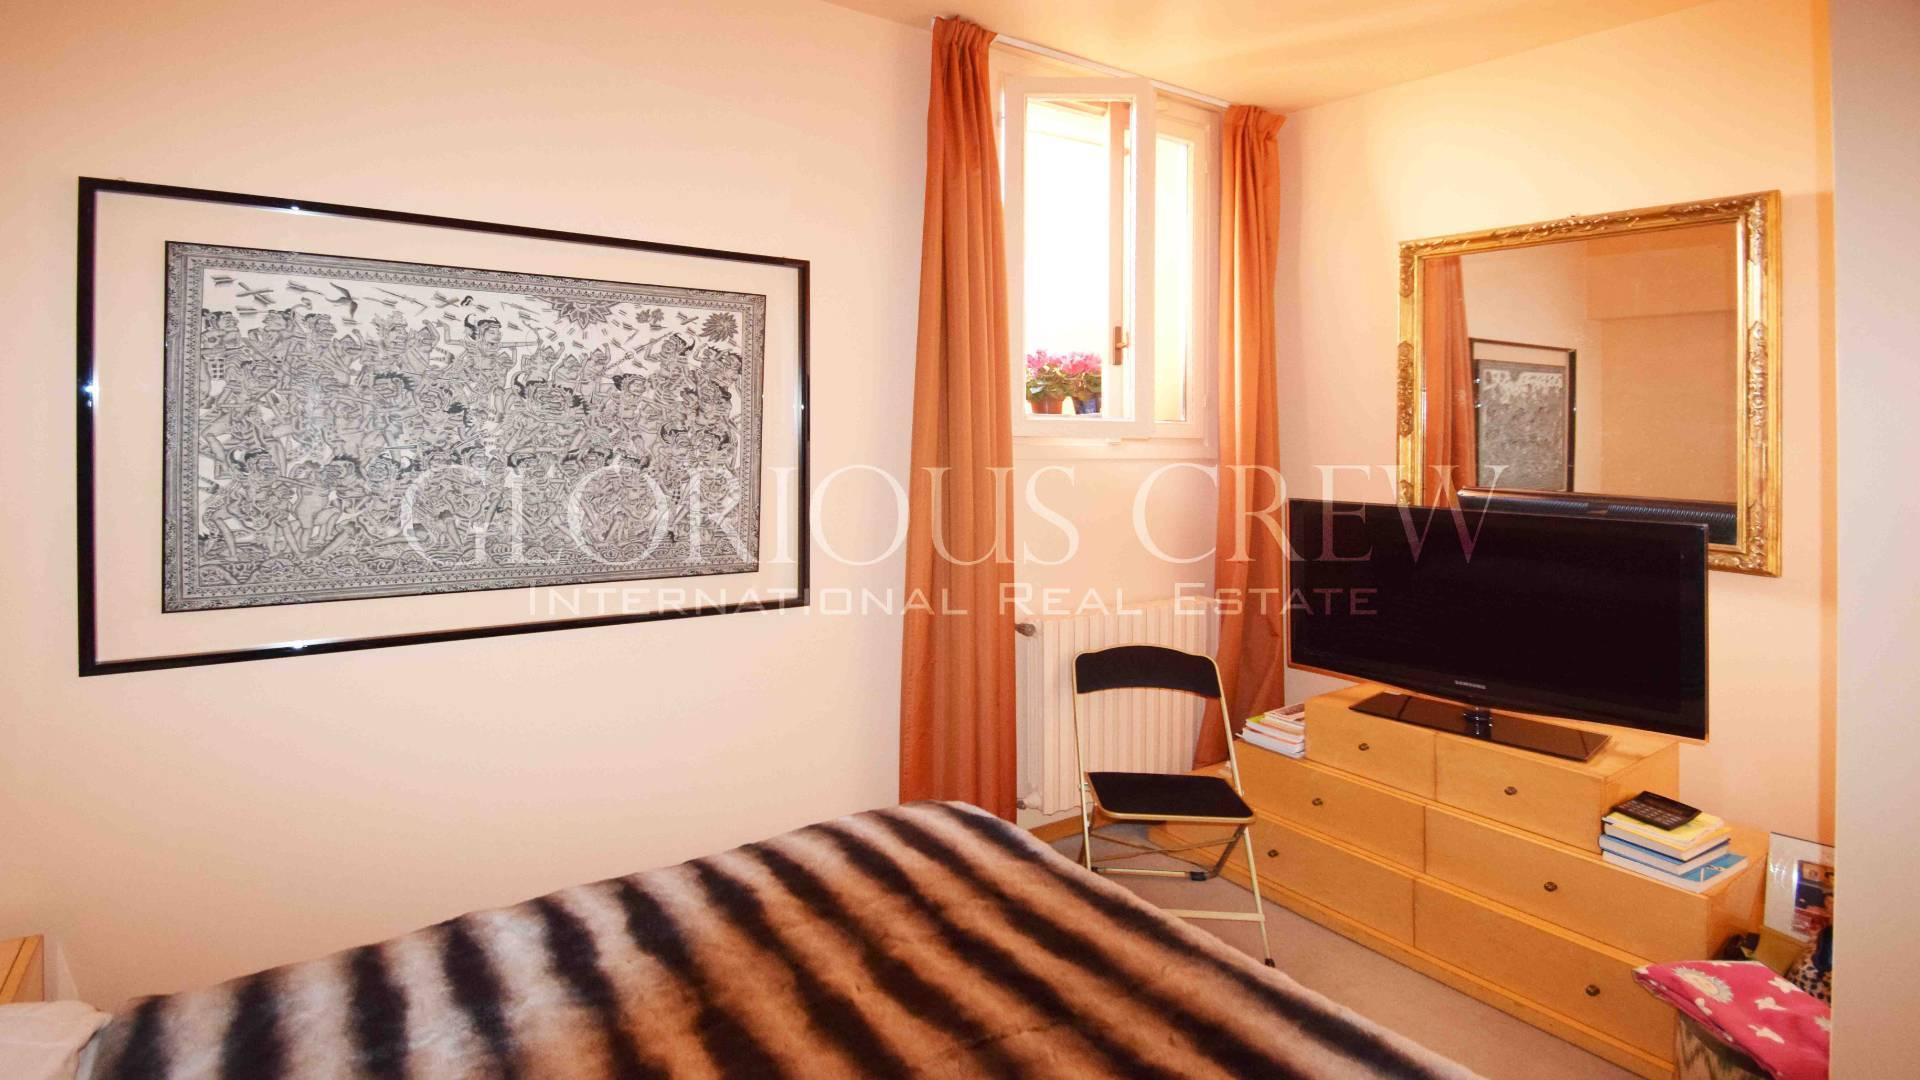 Appartamento in Vendita a Milano: 4 locali, 129 mq - Foto 5